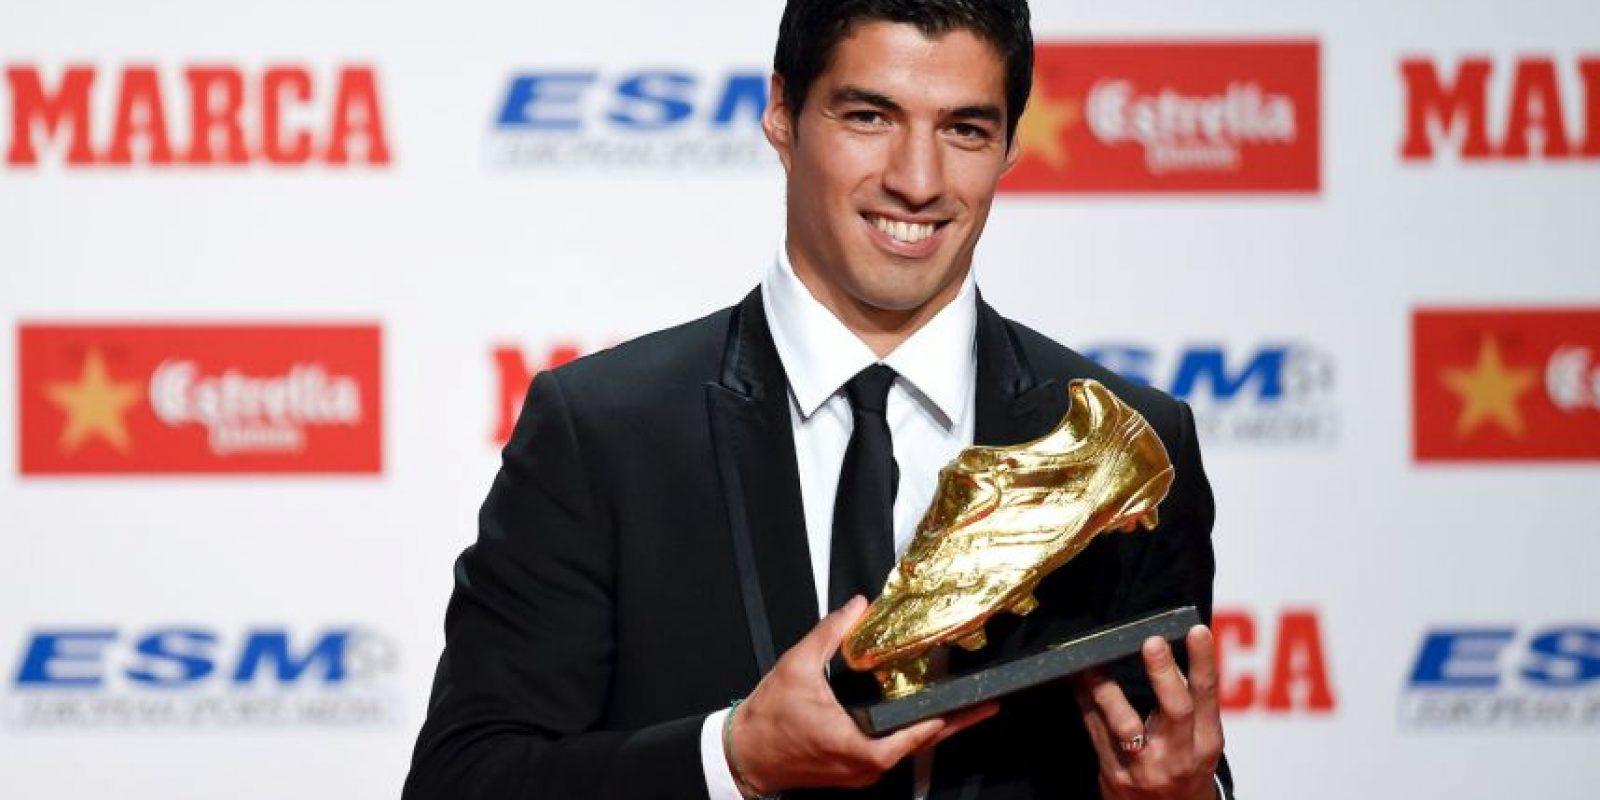 El mes pasado recibió la Bota de Oro como el máximo goledor en las Ligas europeas Foto:Getty